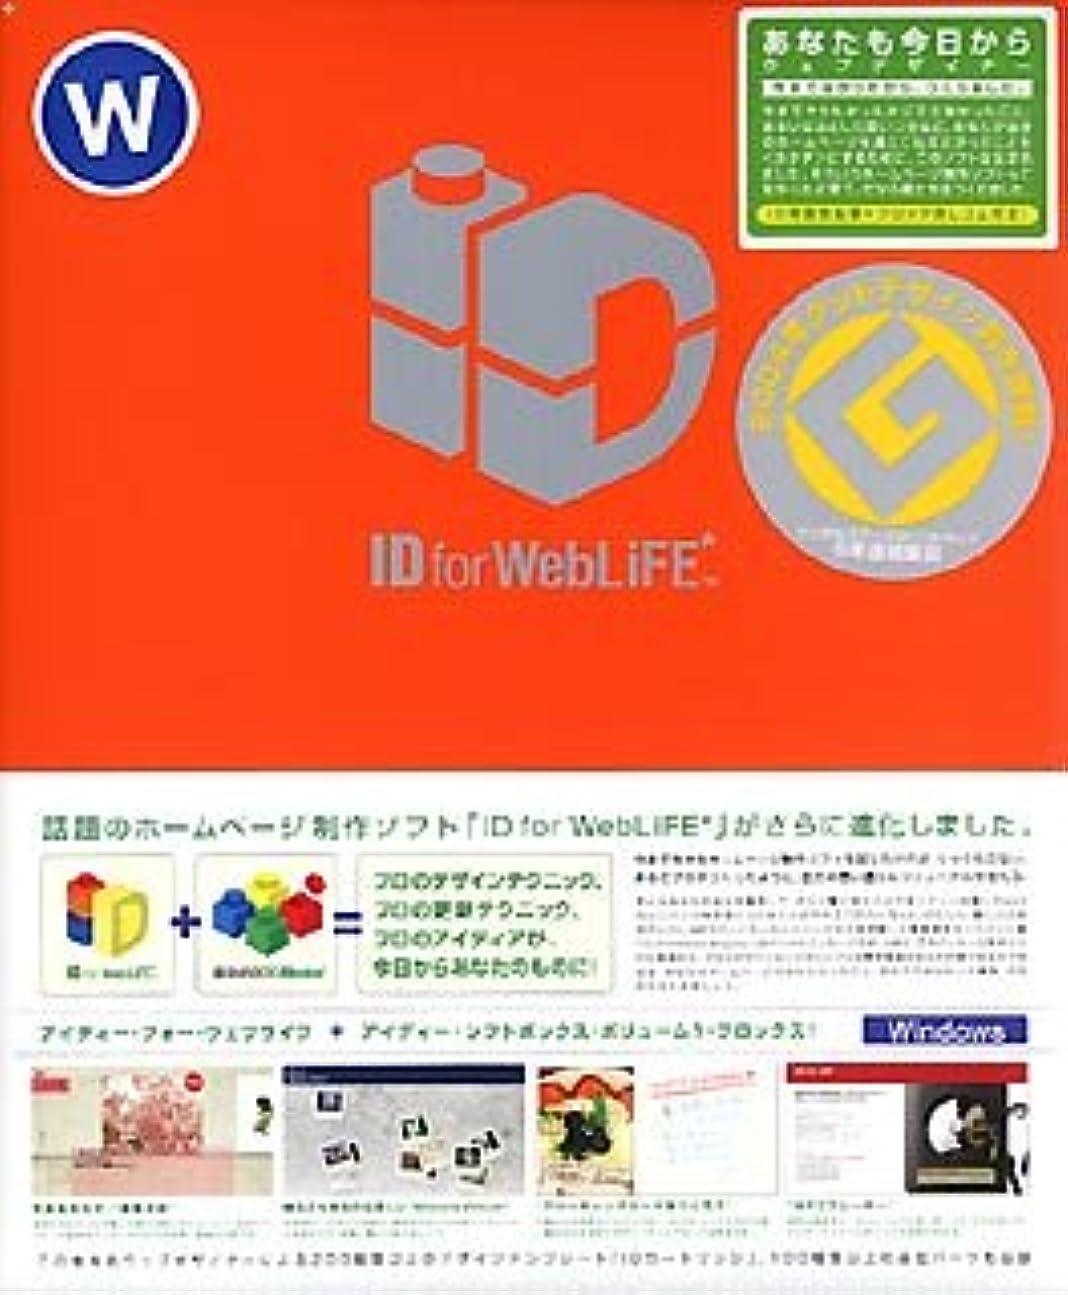 血統ラリー閉じるID for WebLiFE + vol.1 Blocks! for Windows